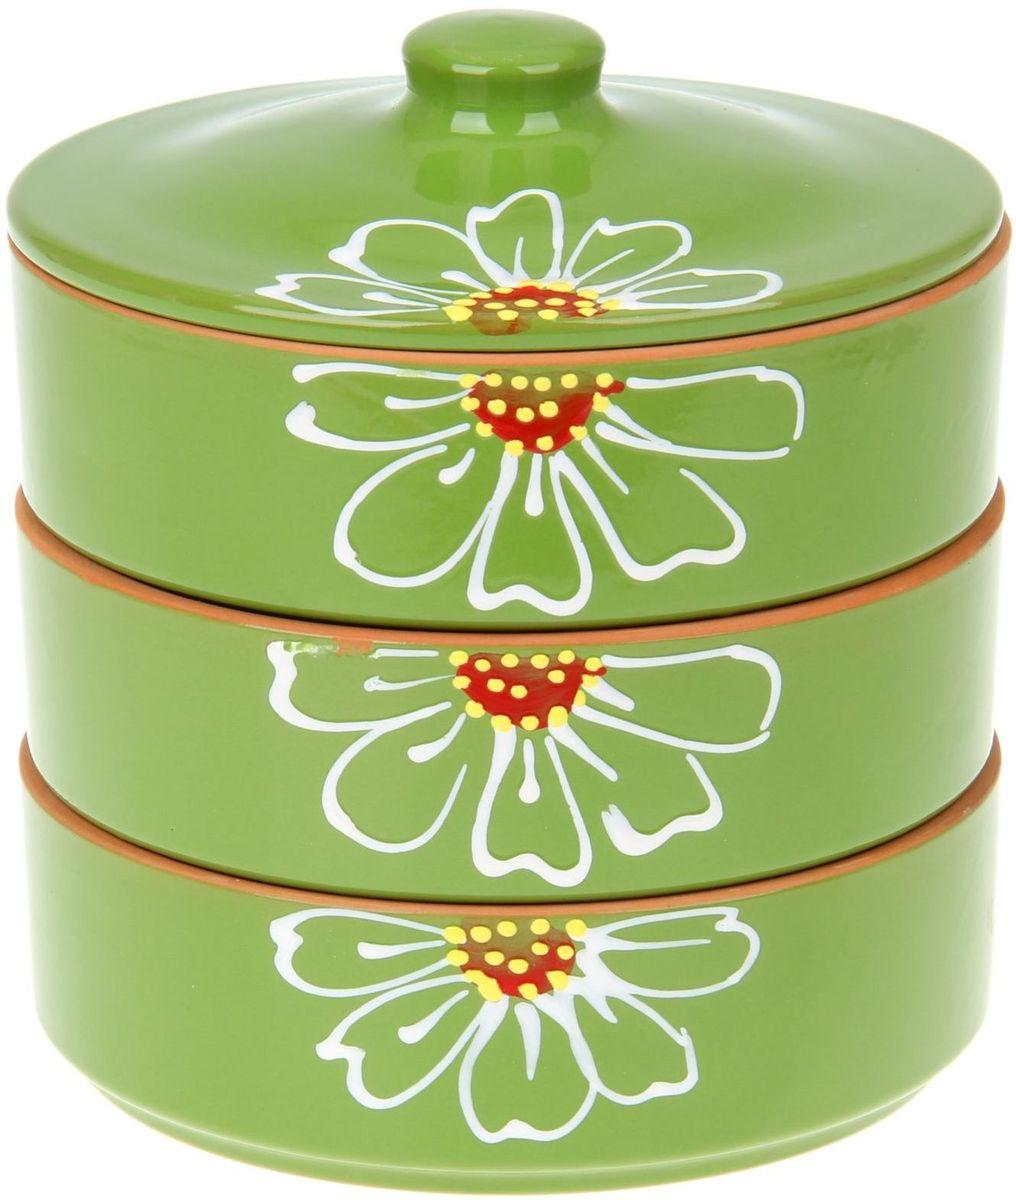 Набор блюд для холодца Псковский гончар Цветок, цвет: зеленый, 4 предмета1228239Набор для холодца Цветок 3 шт. (d=17,5 см, h=5,7 см) зелёный 0,7 л будет вашим универсальным помощником! Он удобен не только для хранения холодца, но и для салатов, а также различных закусок. Набор предотвращает заветривание и сохраняет привлекательный внешний вид блюда. Вы сможете готовить непосредственно в нём: специальная керамика подходит для использования в микроволновой печи, в духовом шкафу, русской печи или на гриле.Утолщённые стенки дольше сохраняют тепло, поэтому можно не волноваться, что блюдо быстро остынет. Благодаря специальной конструкции предметы из набора можно устойчиво размещать друг на друге, что значительно сэкономит место в шкафу или холодильнике.Приятная расцветка и аккуратный рисунок будут радовать глаз при каждом использовании. Благодаря структуре глины любое блюдо, приготовленное при помощи посуды от «Псковского гончара», будет максимально вкусным и сохранит все свои полезные качества.